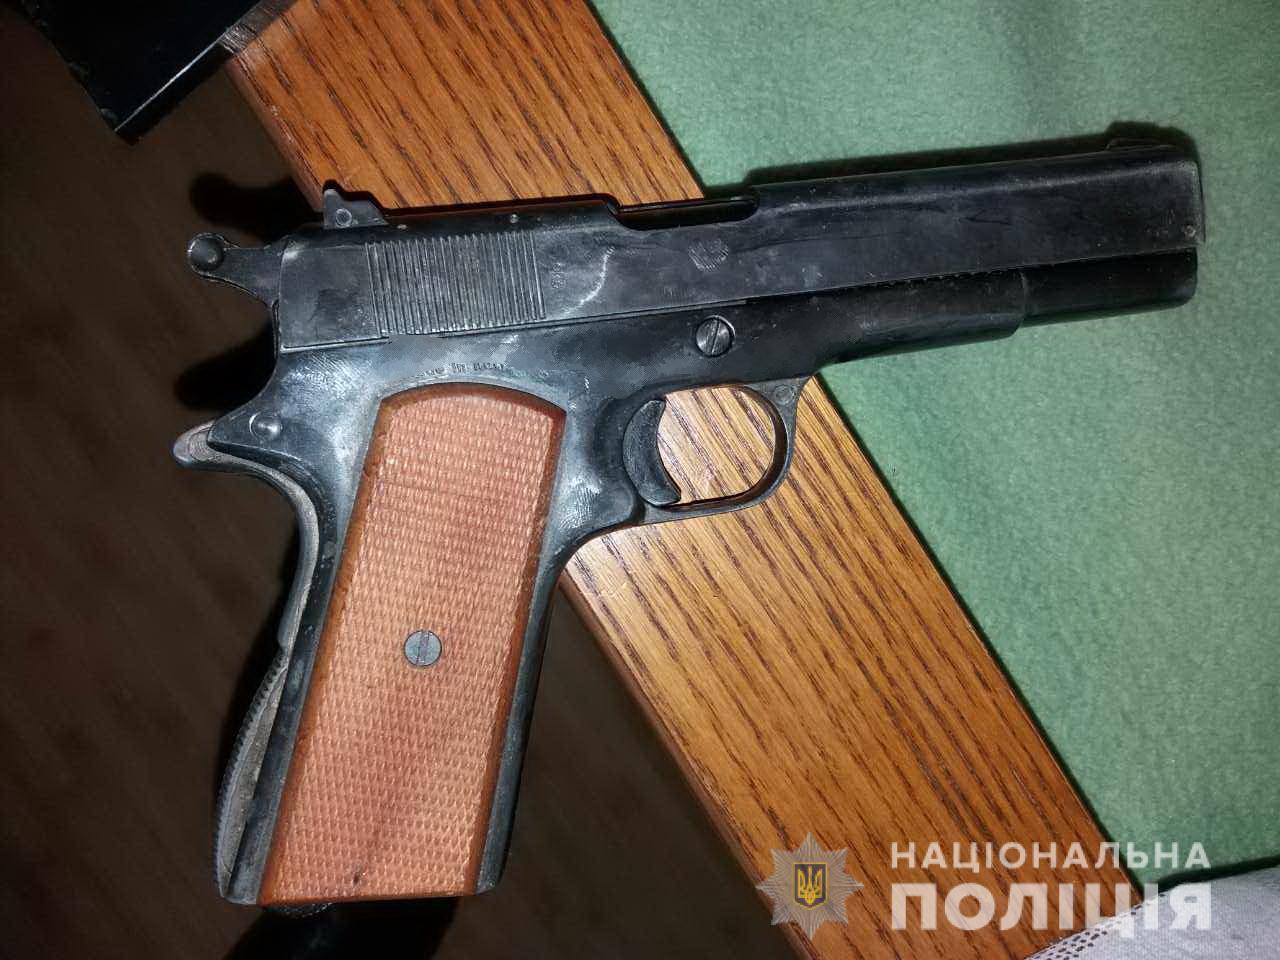 У жителя Іршави знайшли чимало зброї, зокрема пістолет і ножі